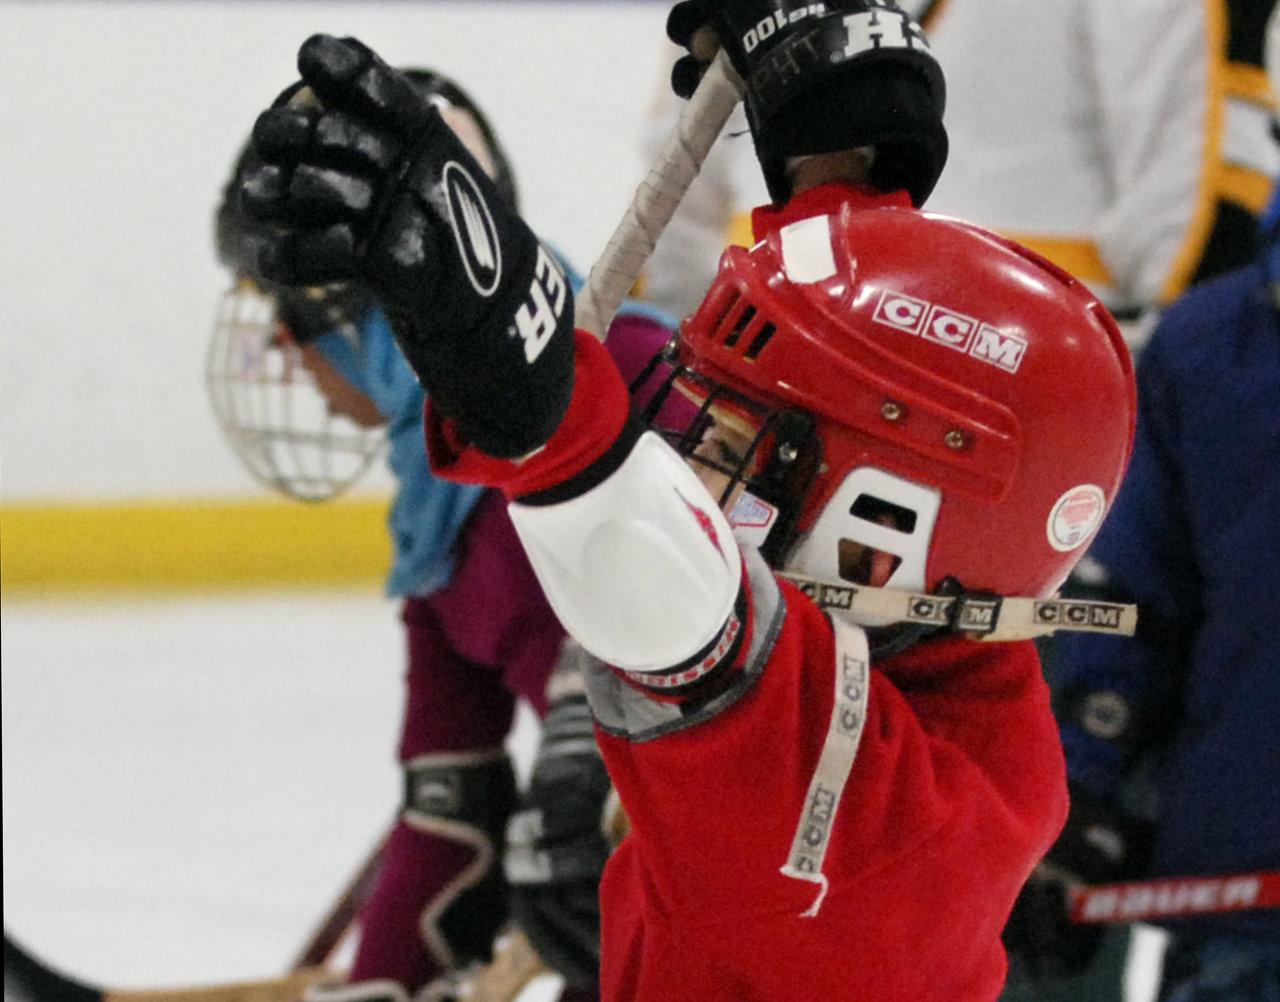 HockeyTrust08_229-53.jpg